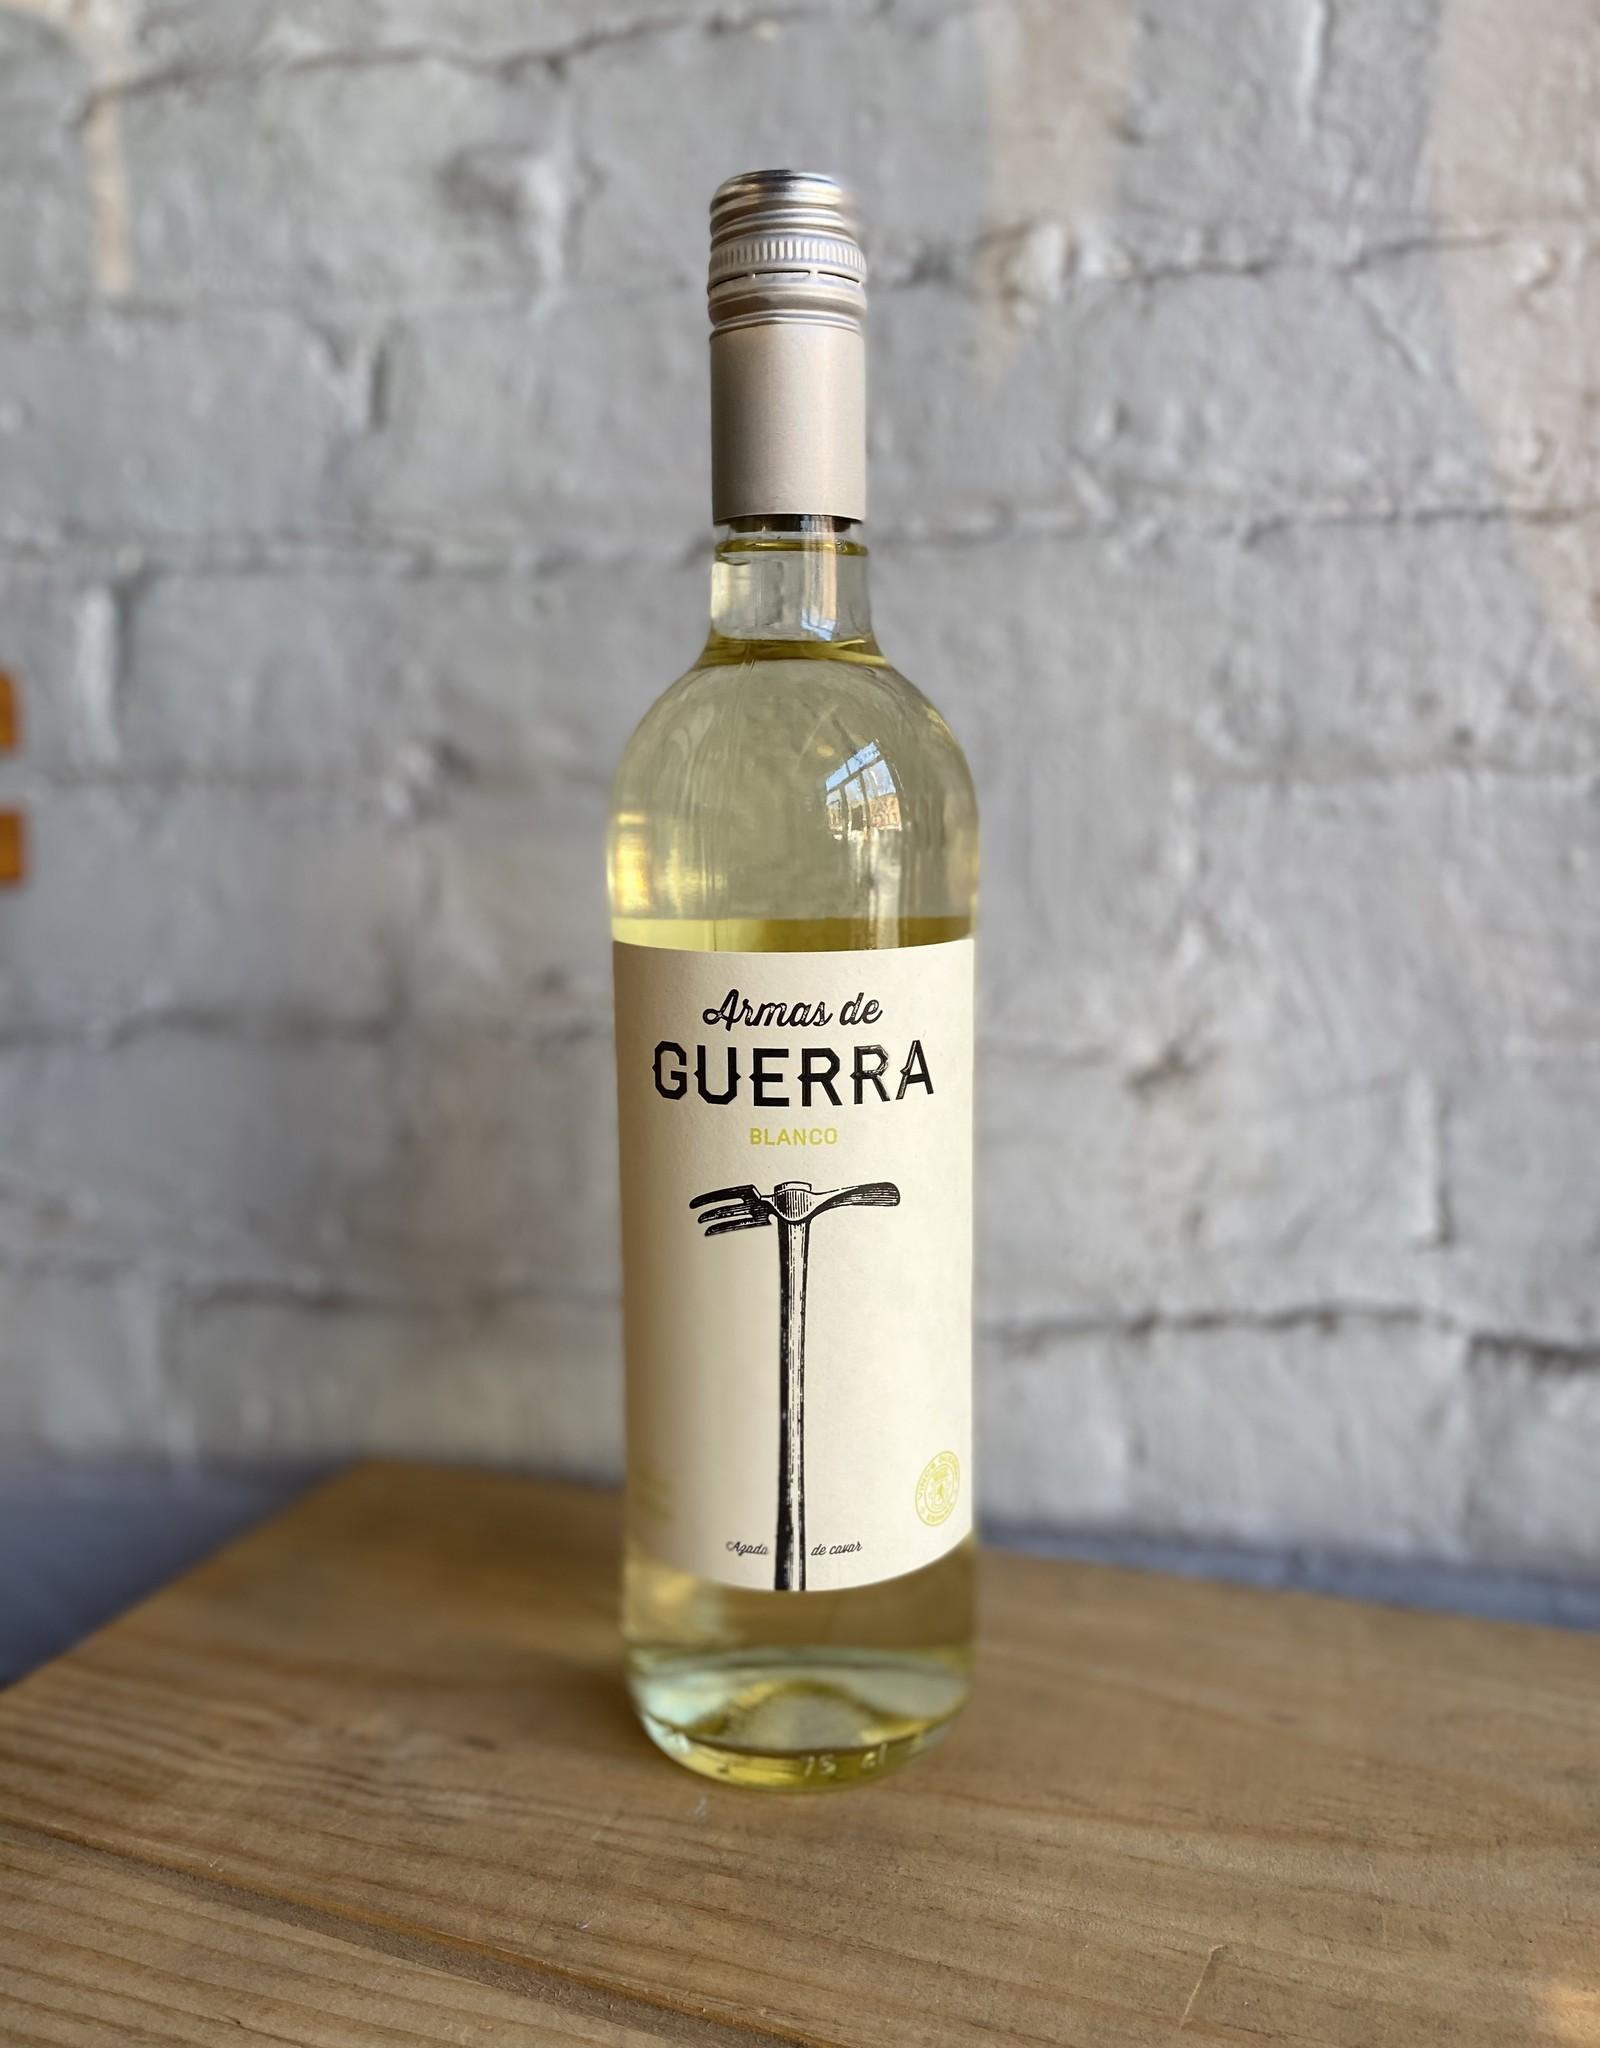 Wine 2019 Armas de Guerra Blanco - Bierzo, Castilla y Leon, Spain (750ml)